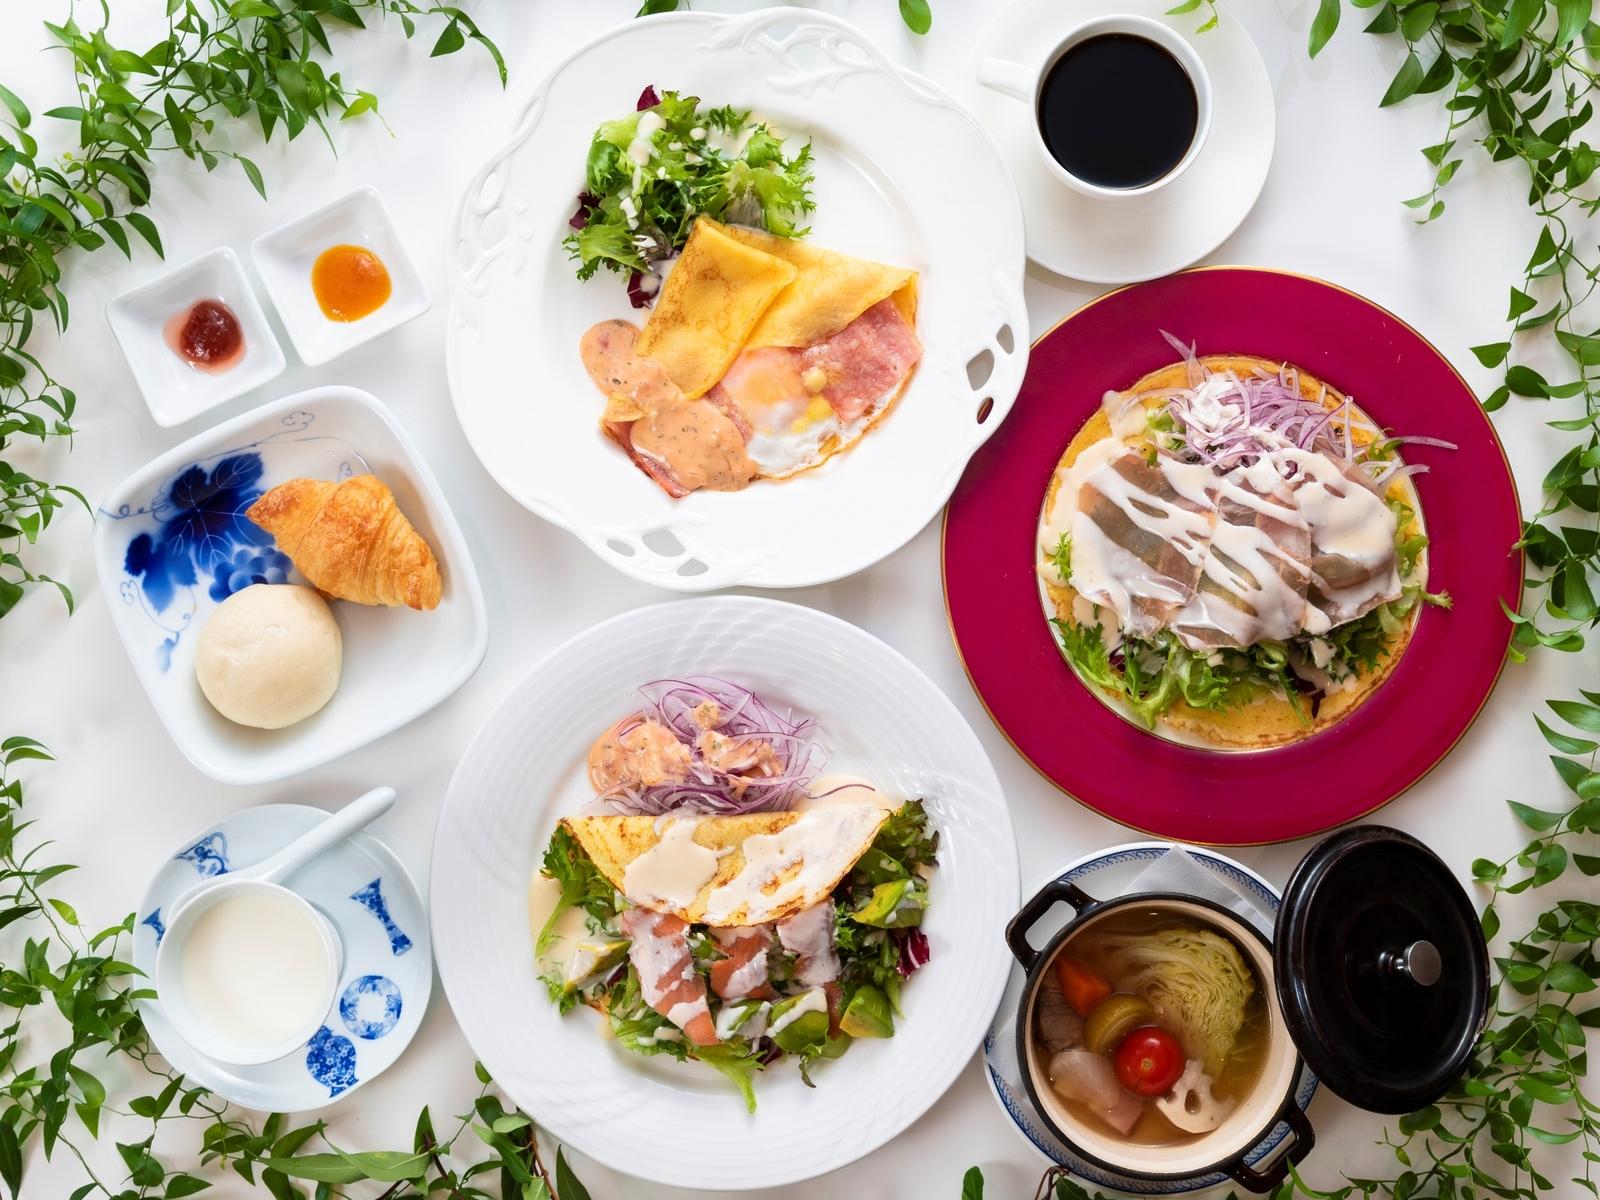 ガーデンテラス佐賀ホテル&マリトピア / 心と体と時間をブラッシュアップ~女子旅プラン~(朝食付)